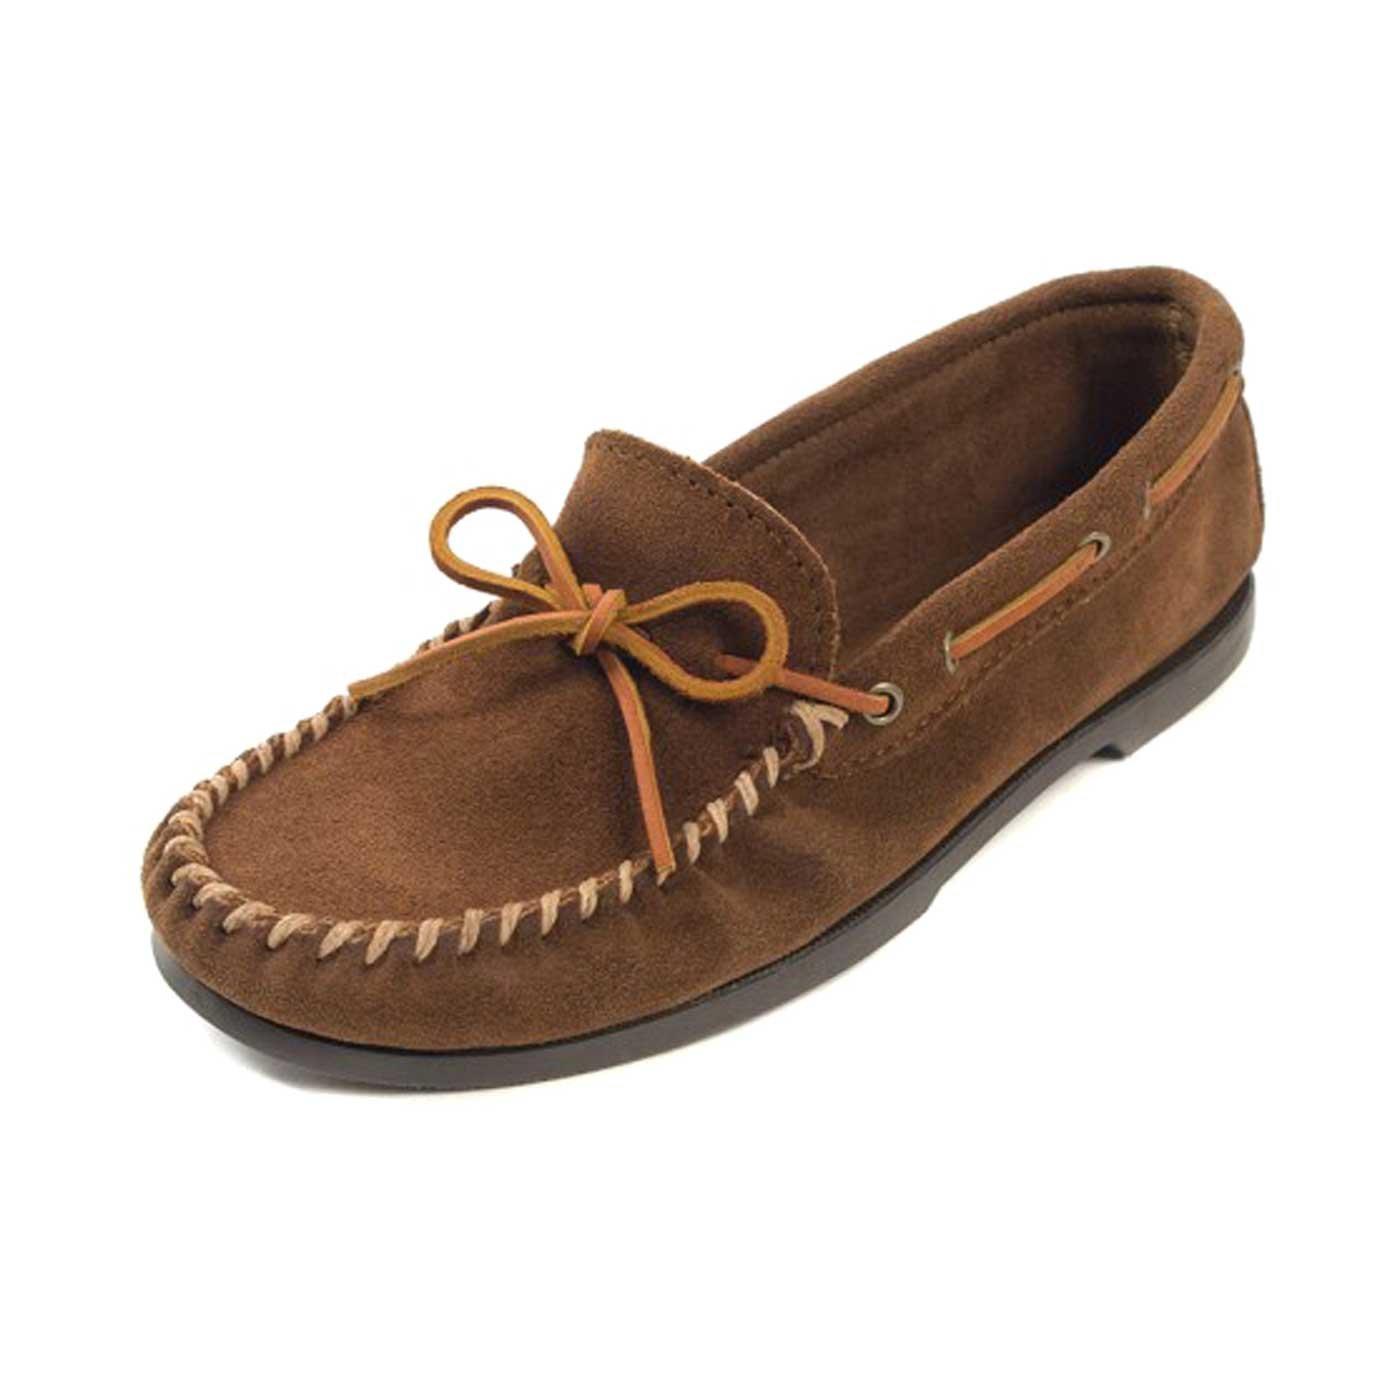 Minnetonka - Mocasines de Piel para Hombre, Color Marrón, Talla 48: Amazon.es: Zapatos y complementos